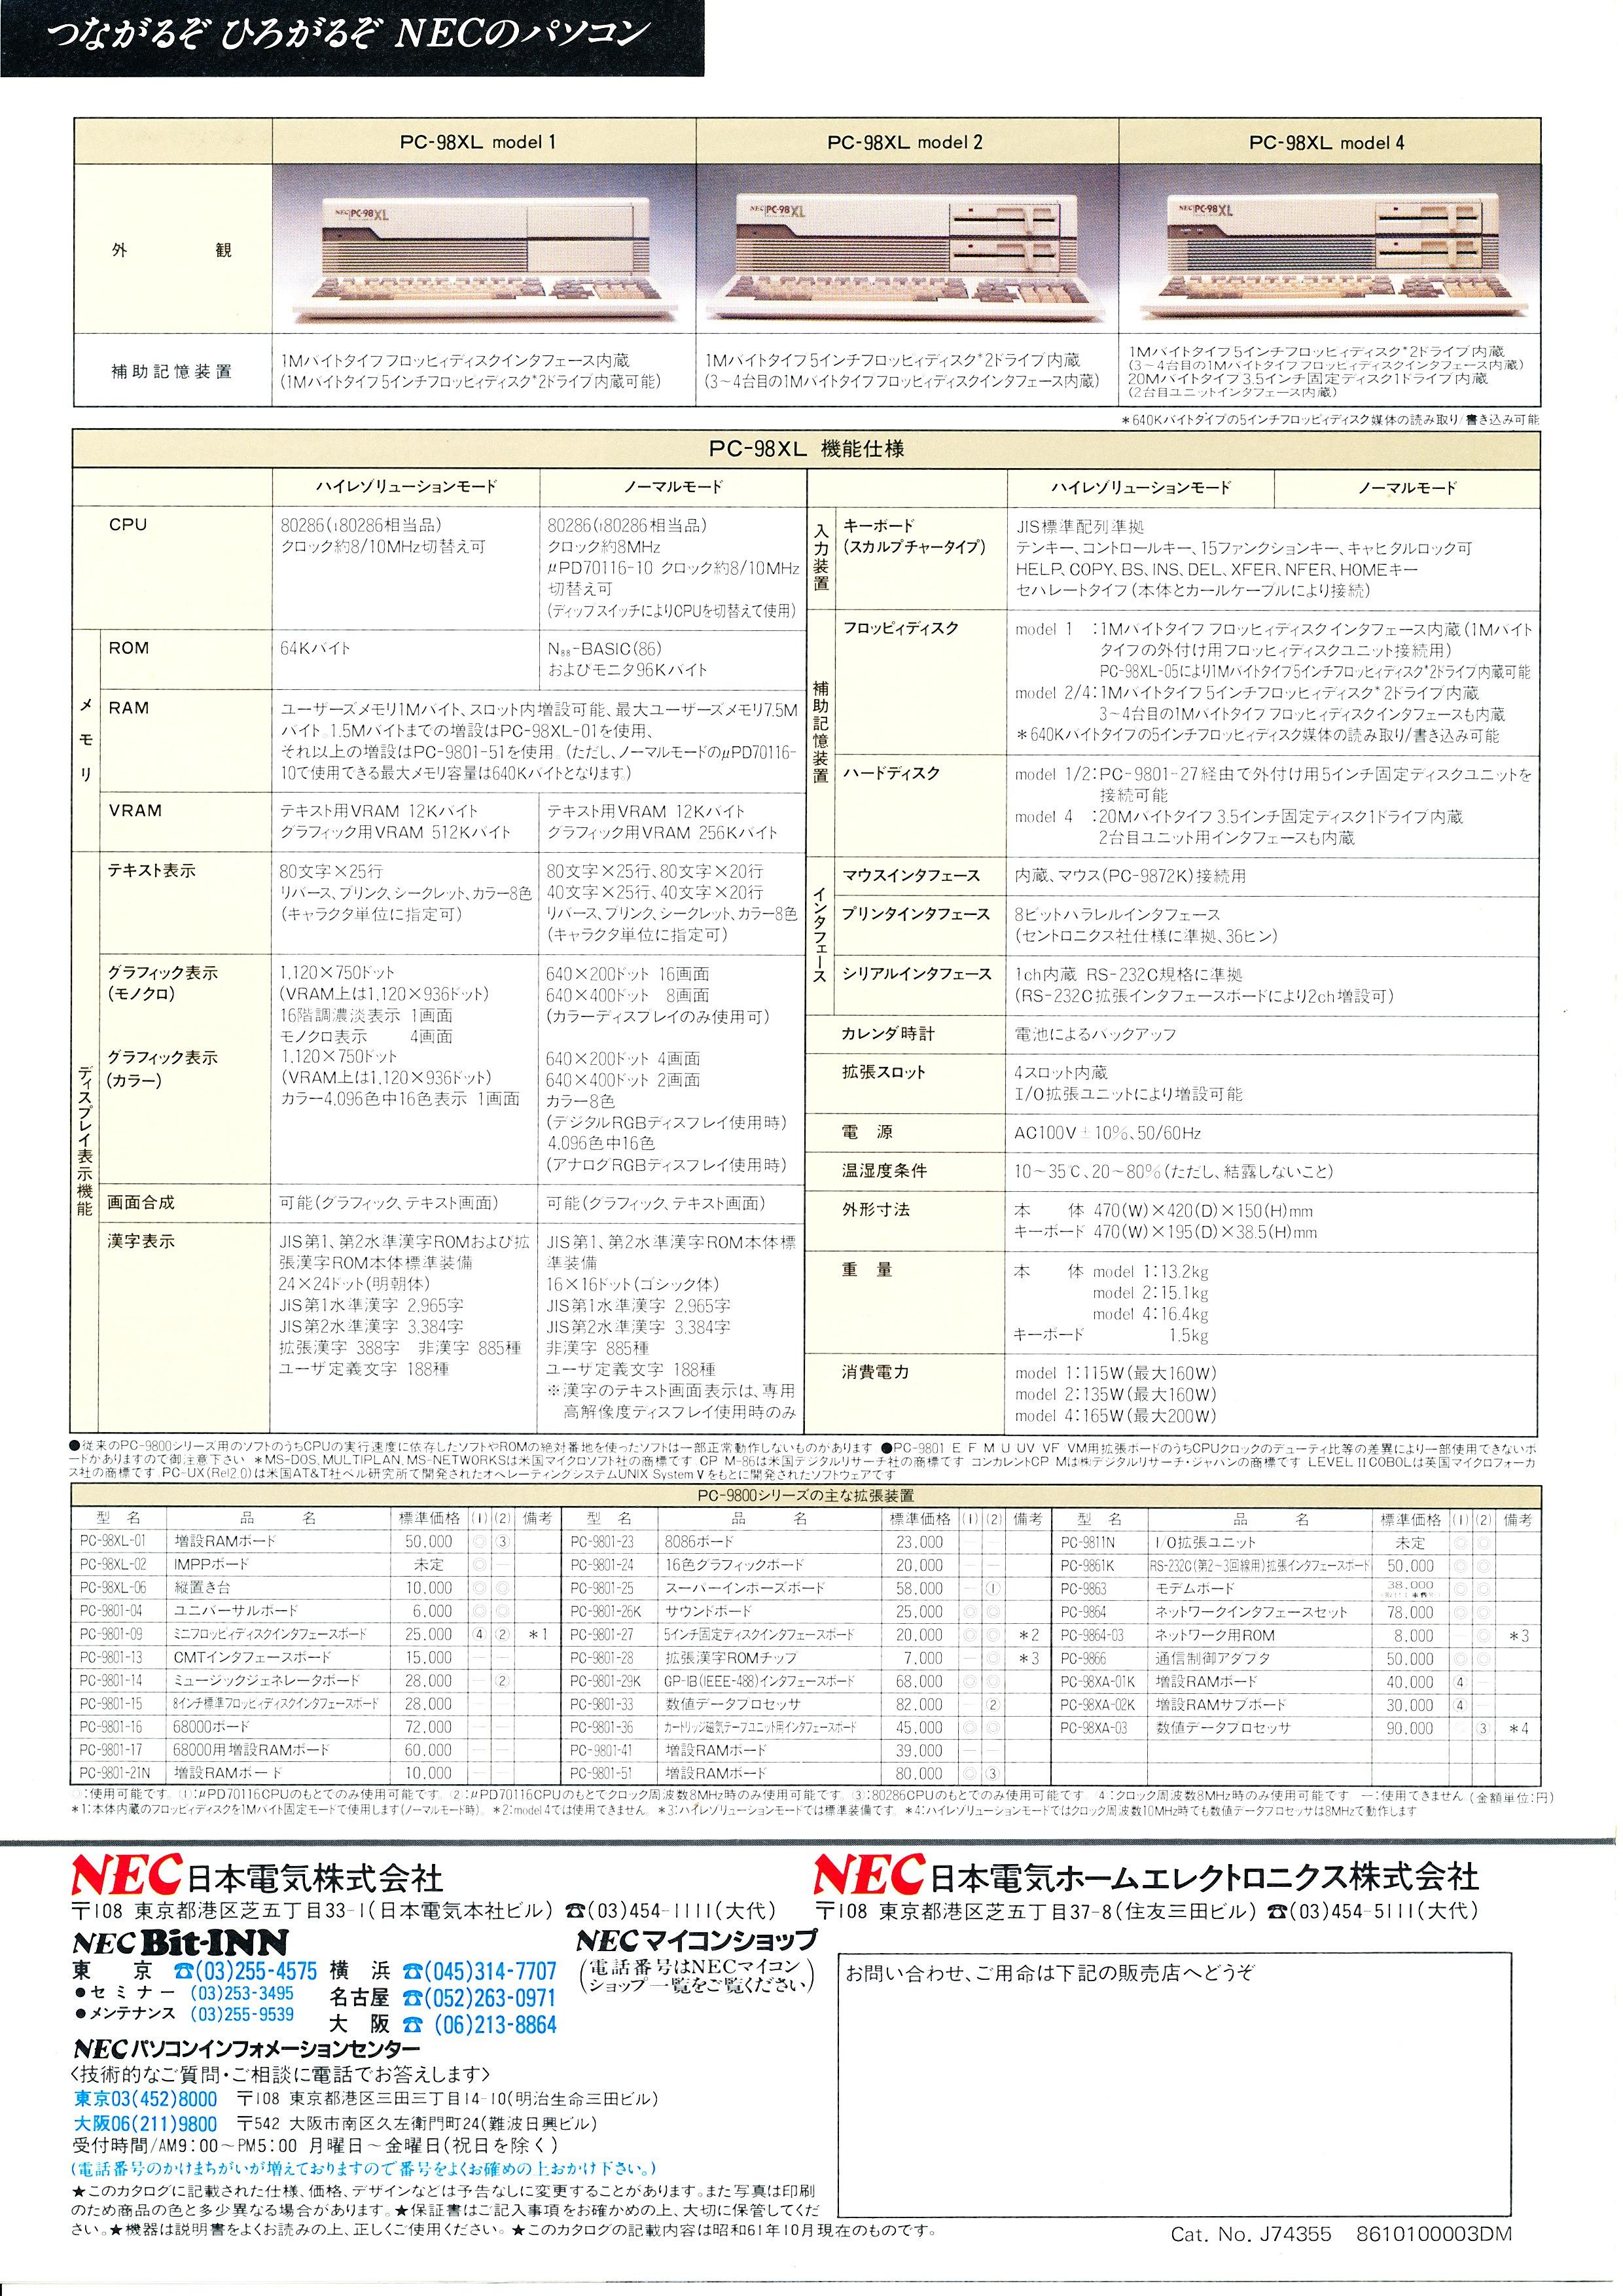 PC-98XL P4